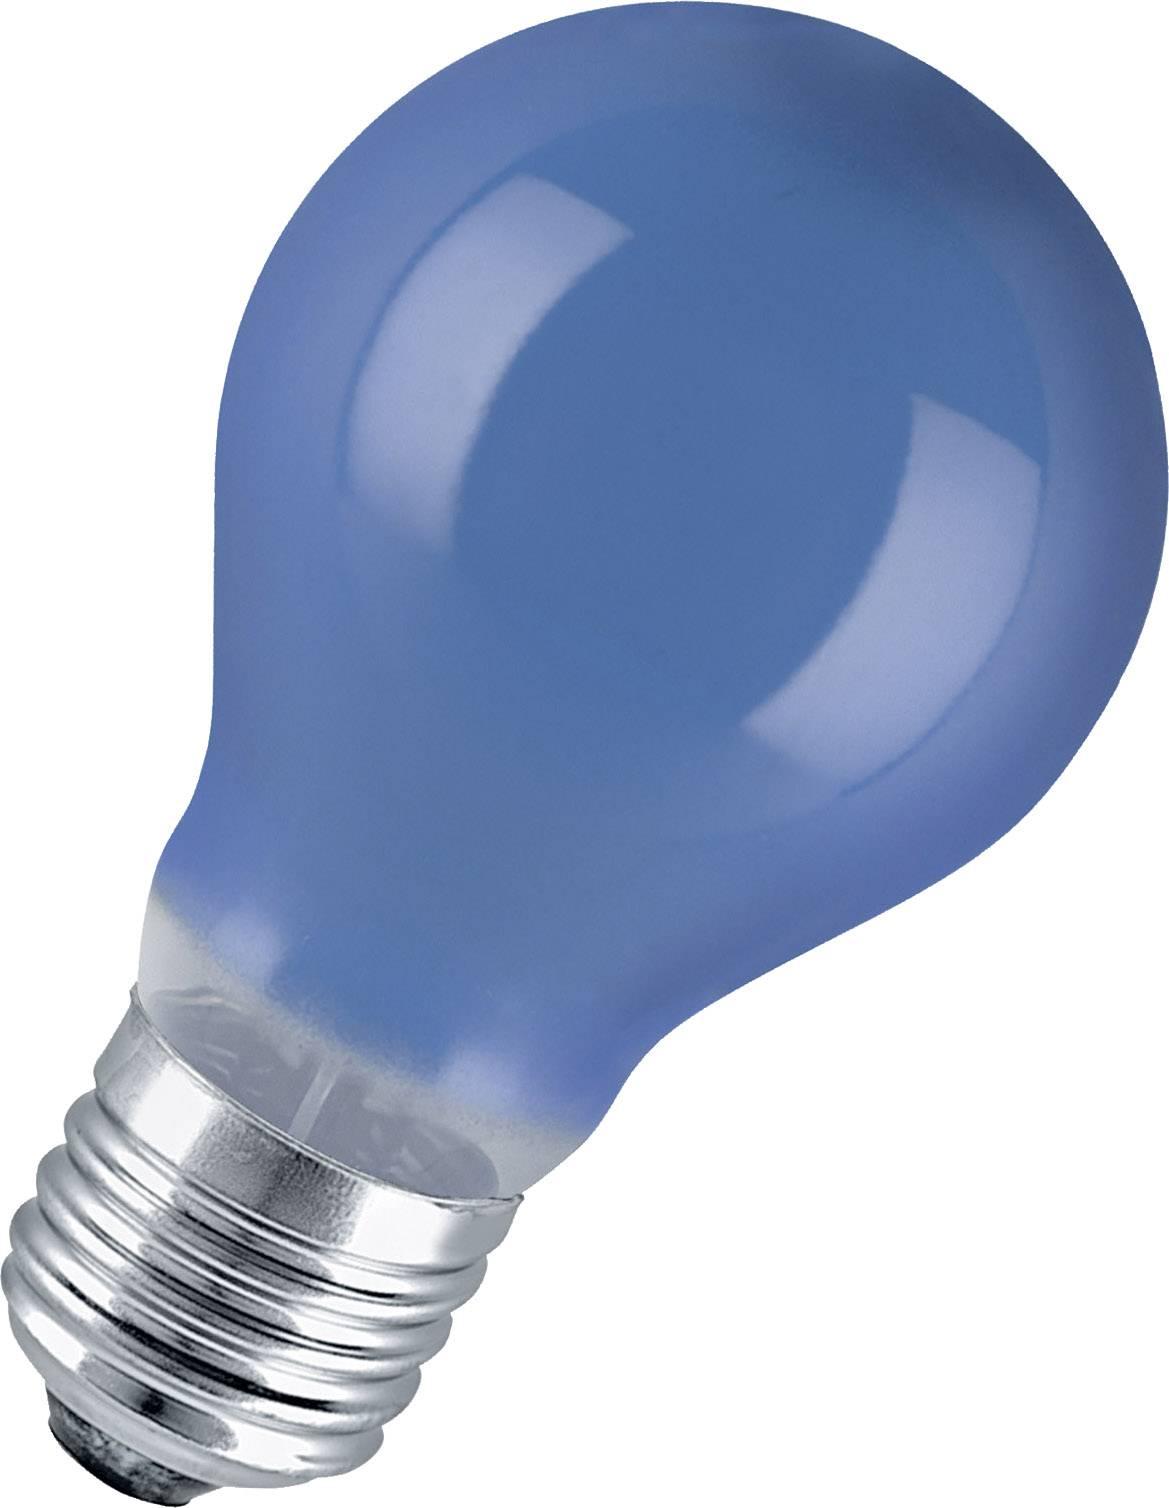 Žiarovka pre svetelnú reťaz 25 W modrá